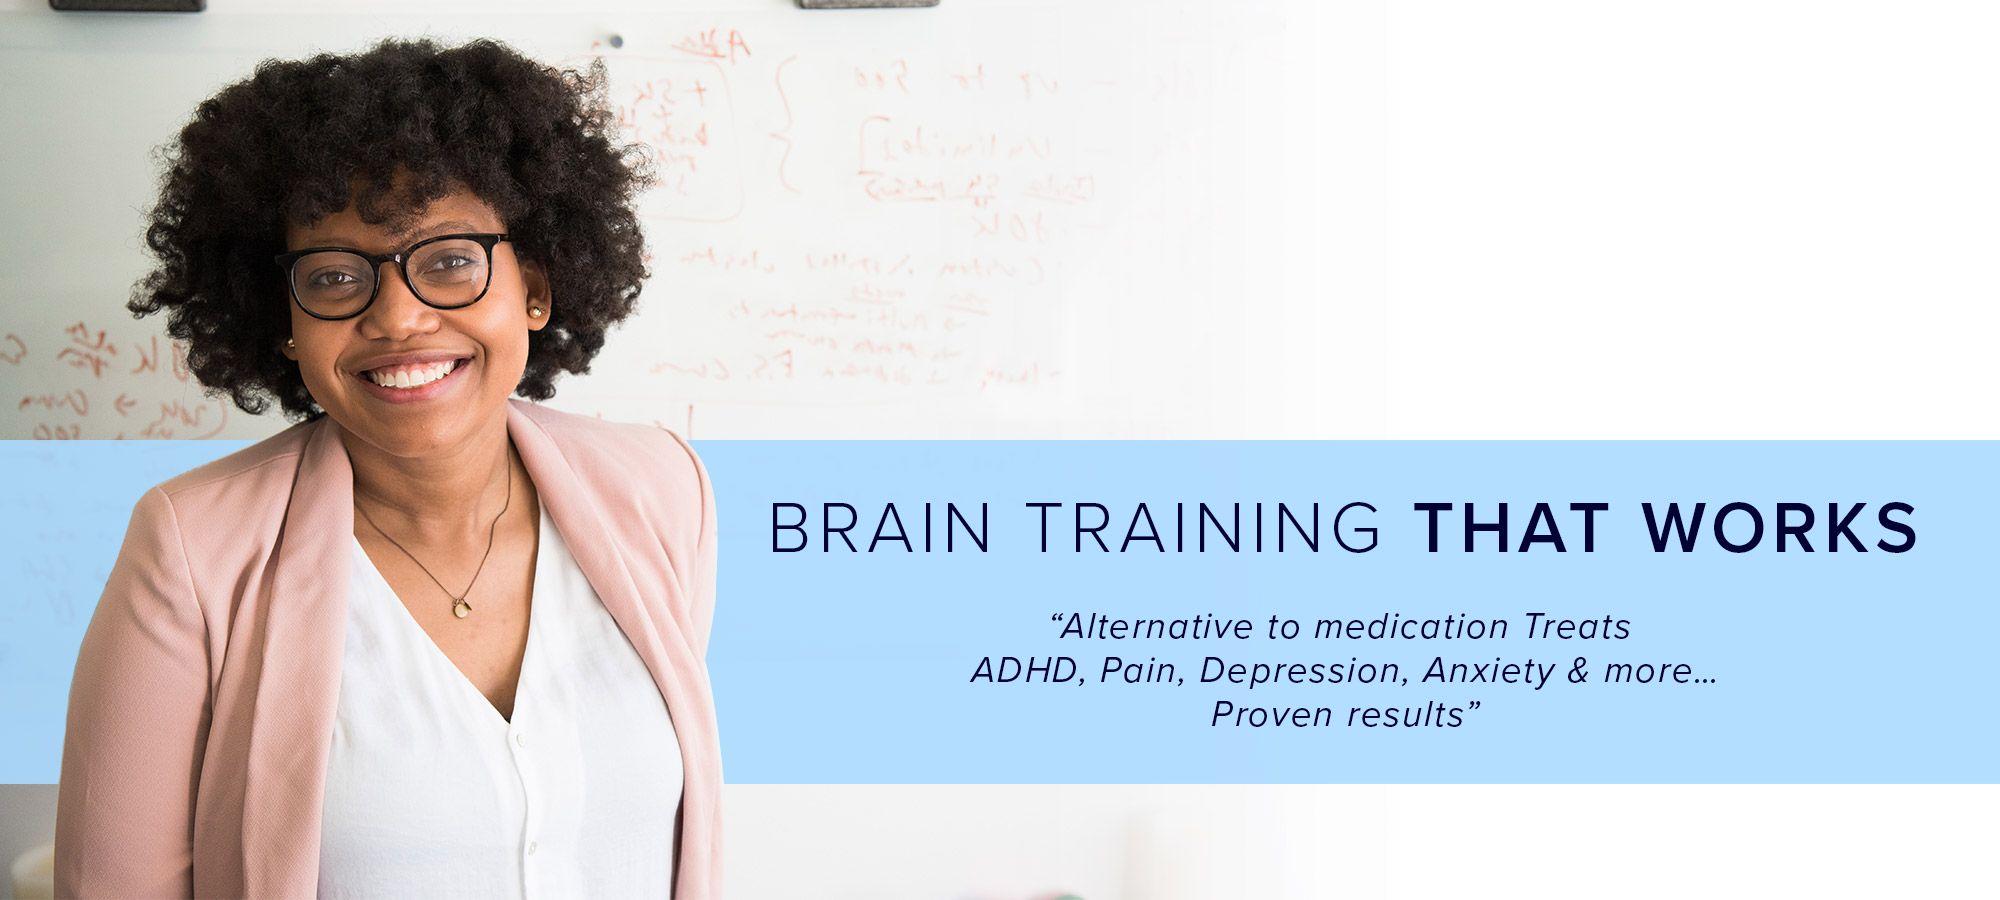 Brain Training that Works slide.jpg